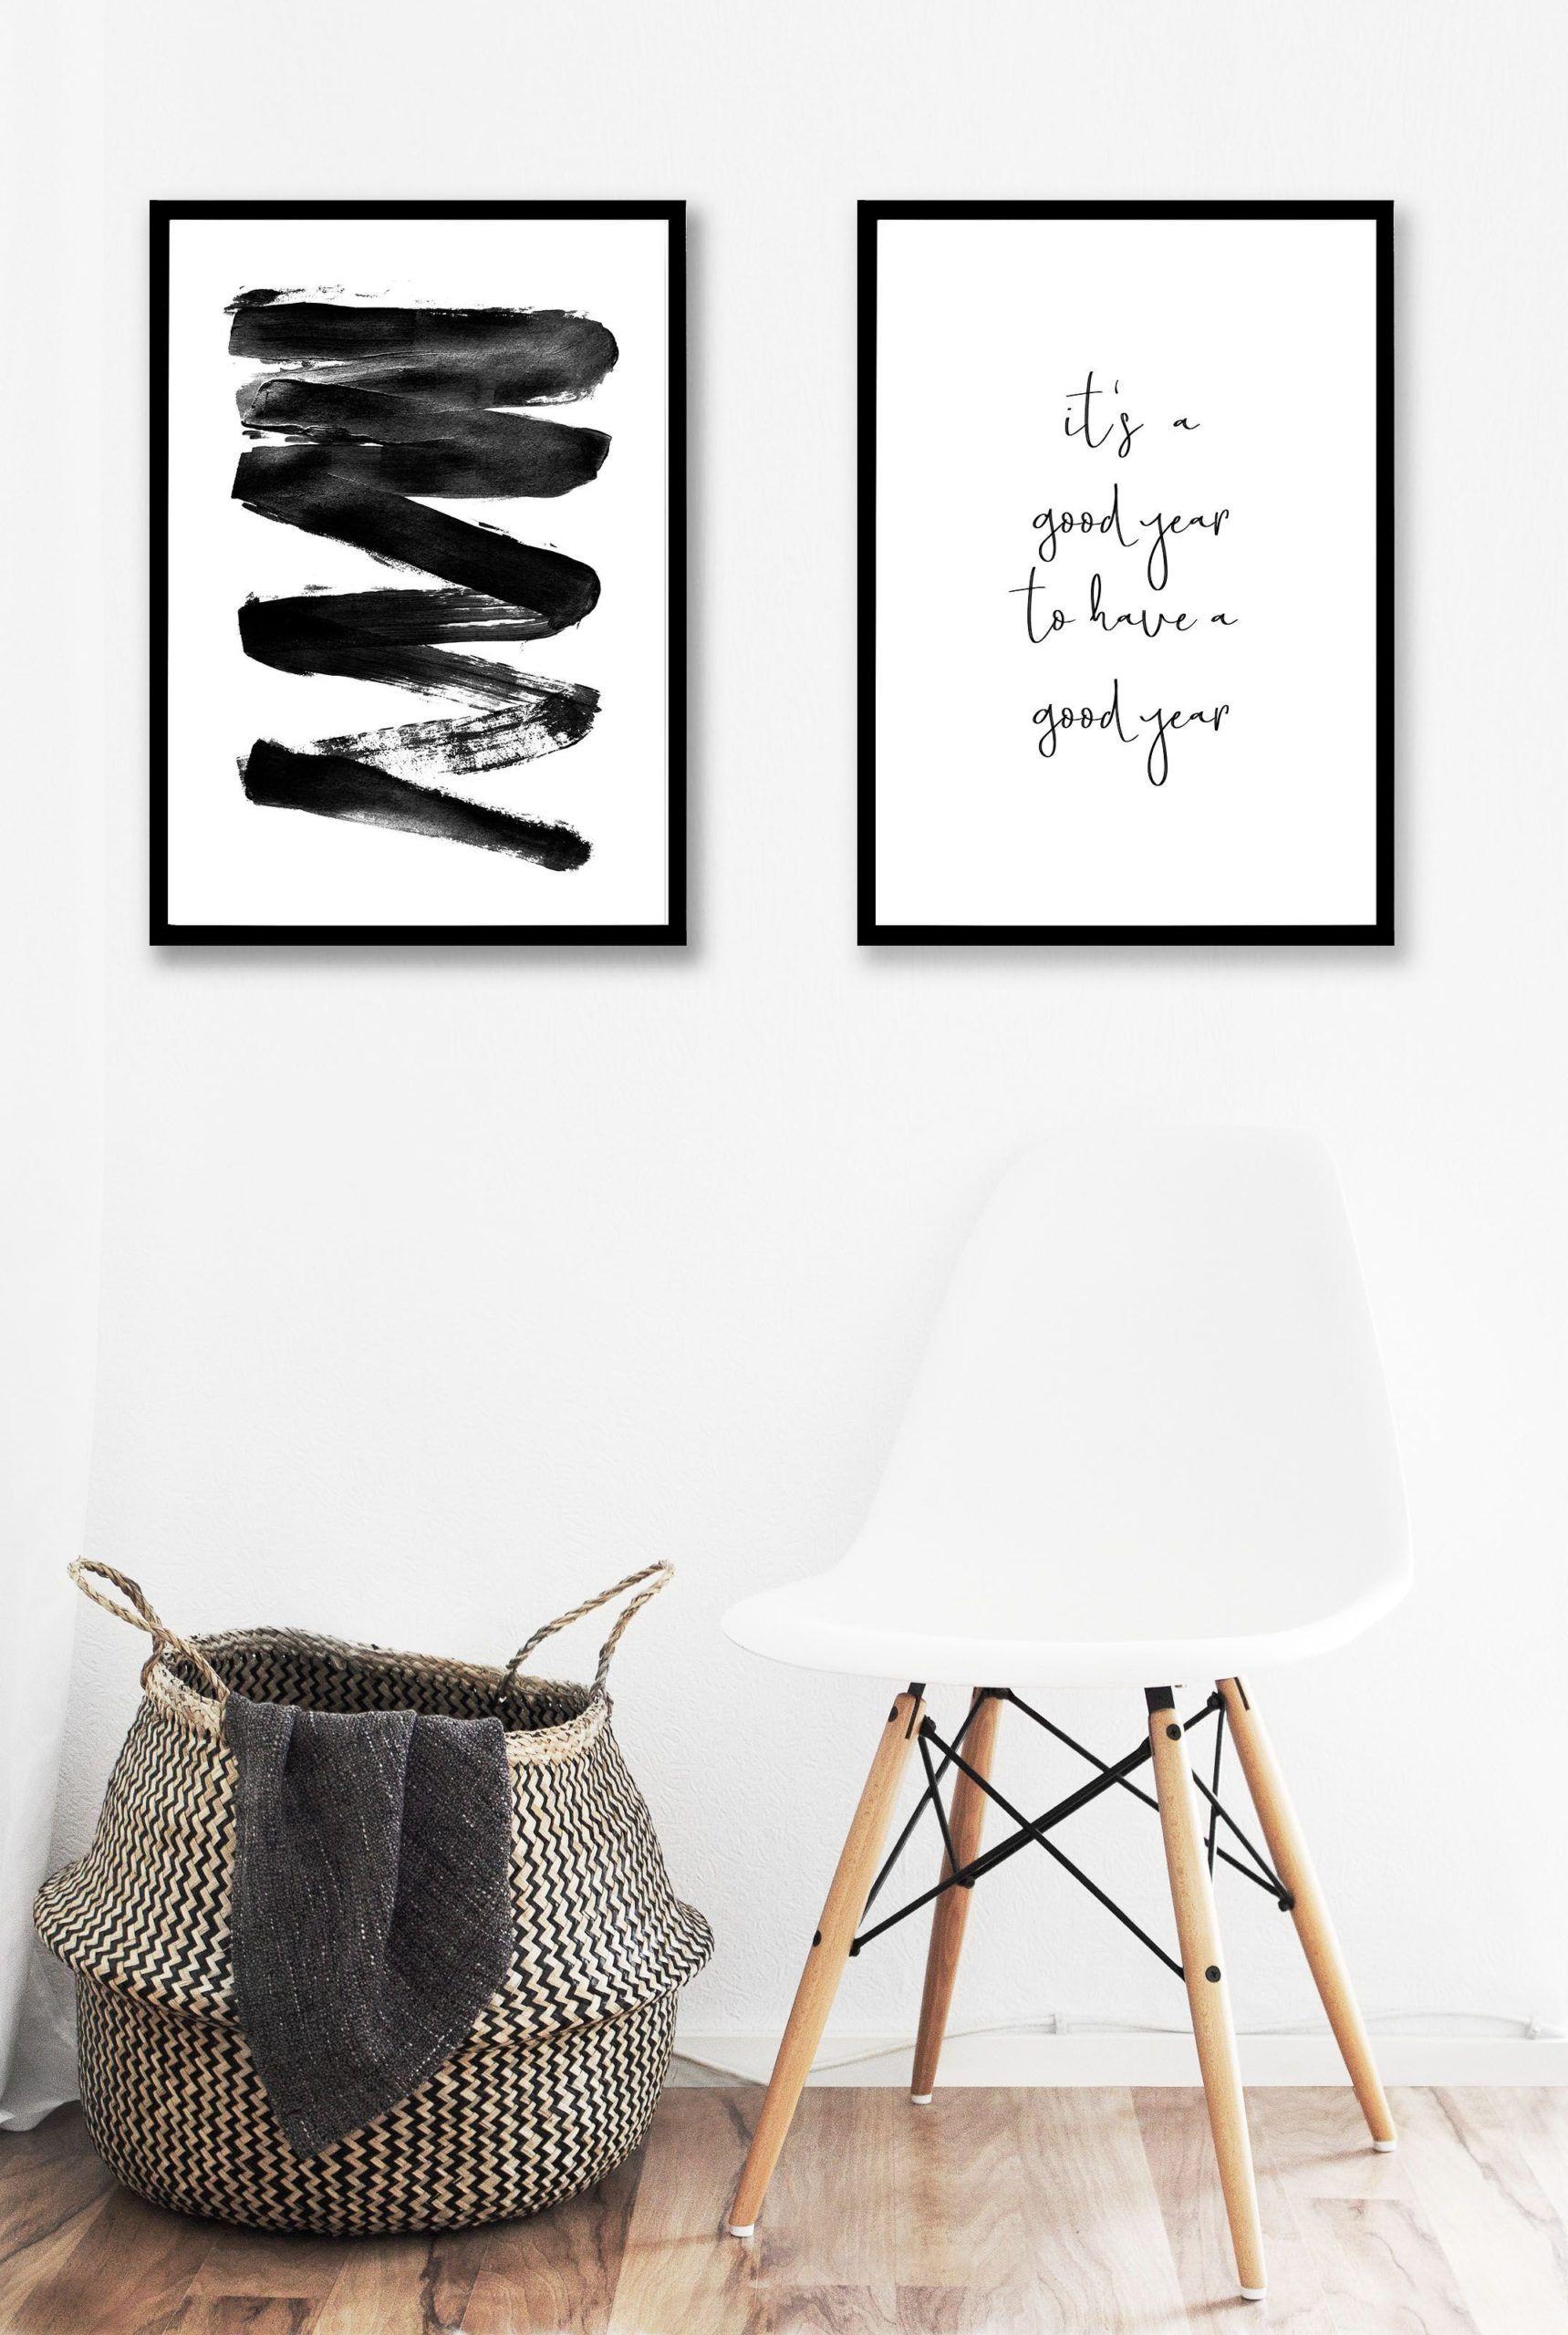 Plakat Schwarz Weiß Plakat Skandinavischer Stil Schwarz Weiß Einzelkunst Selbstgerechtes Abstraktes Poster Skandinavisches Interieur Skandinavisch Einrichten